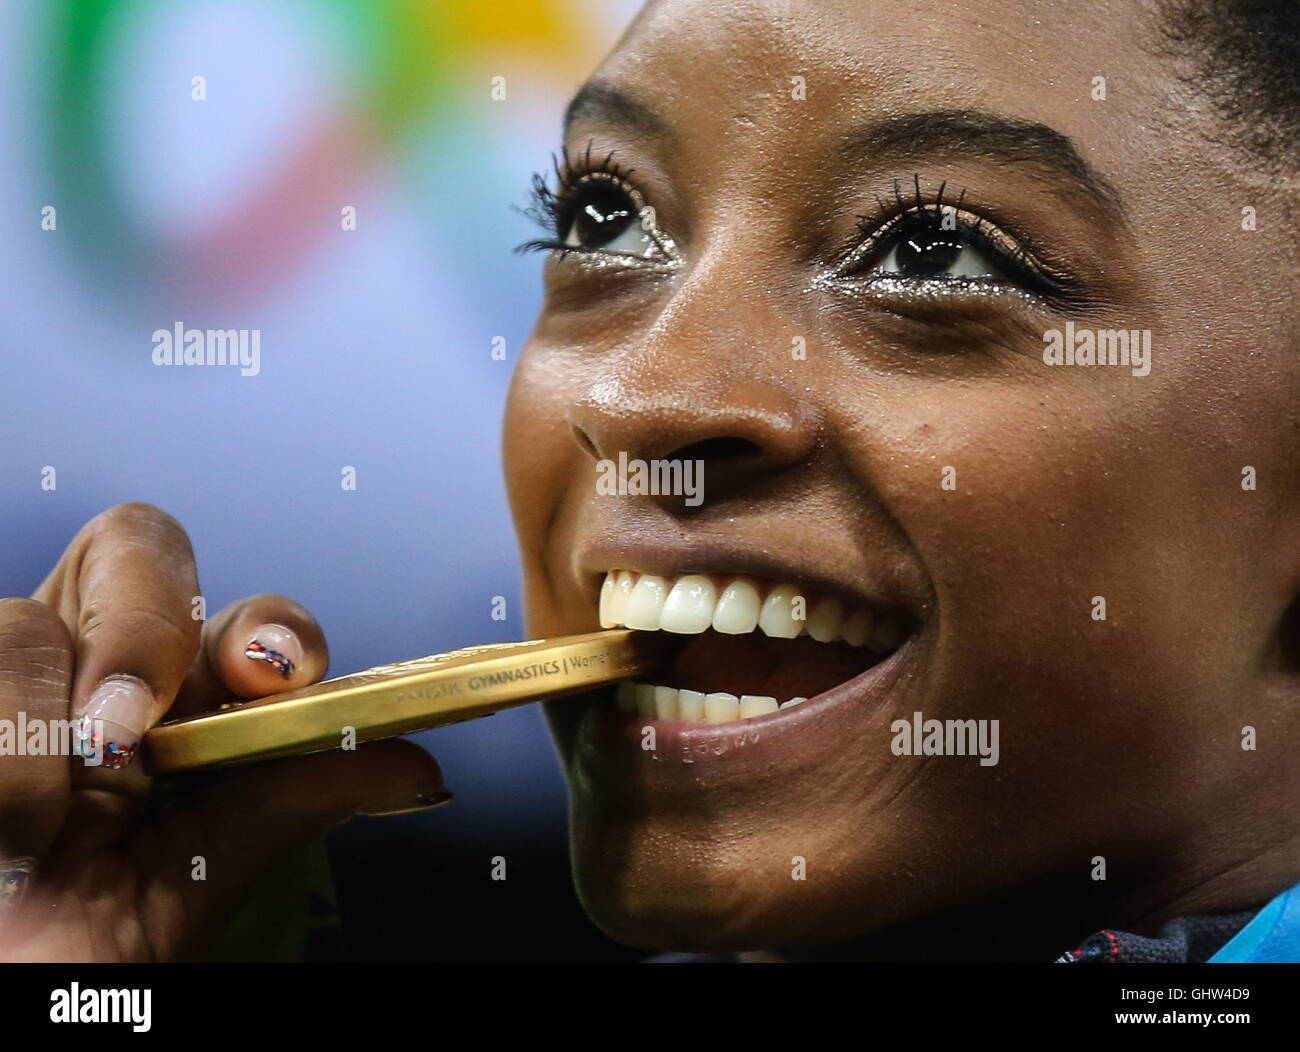 Rio De Janeiro, Brasile. 11 Ago, 2016. Medaglia d'oro Simone Biles degli USA nel corso di una cerimonia di premiazione Immagini Stock